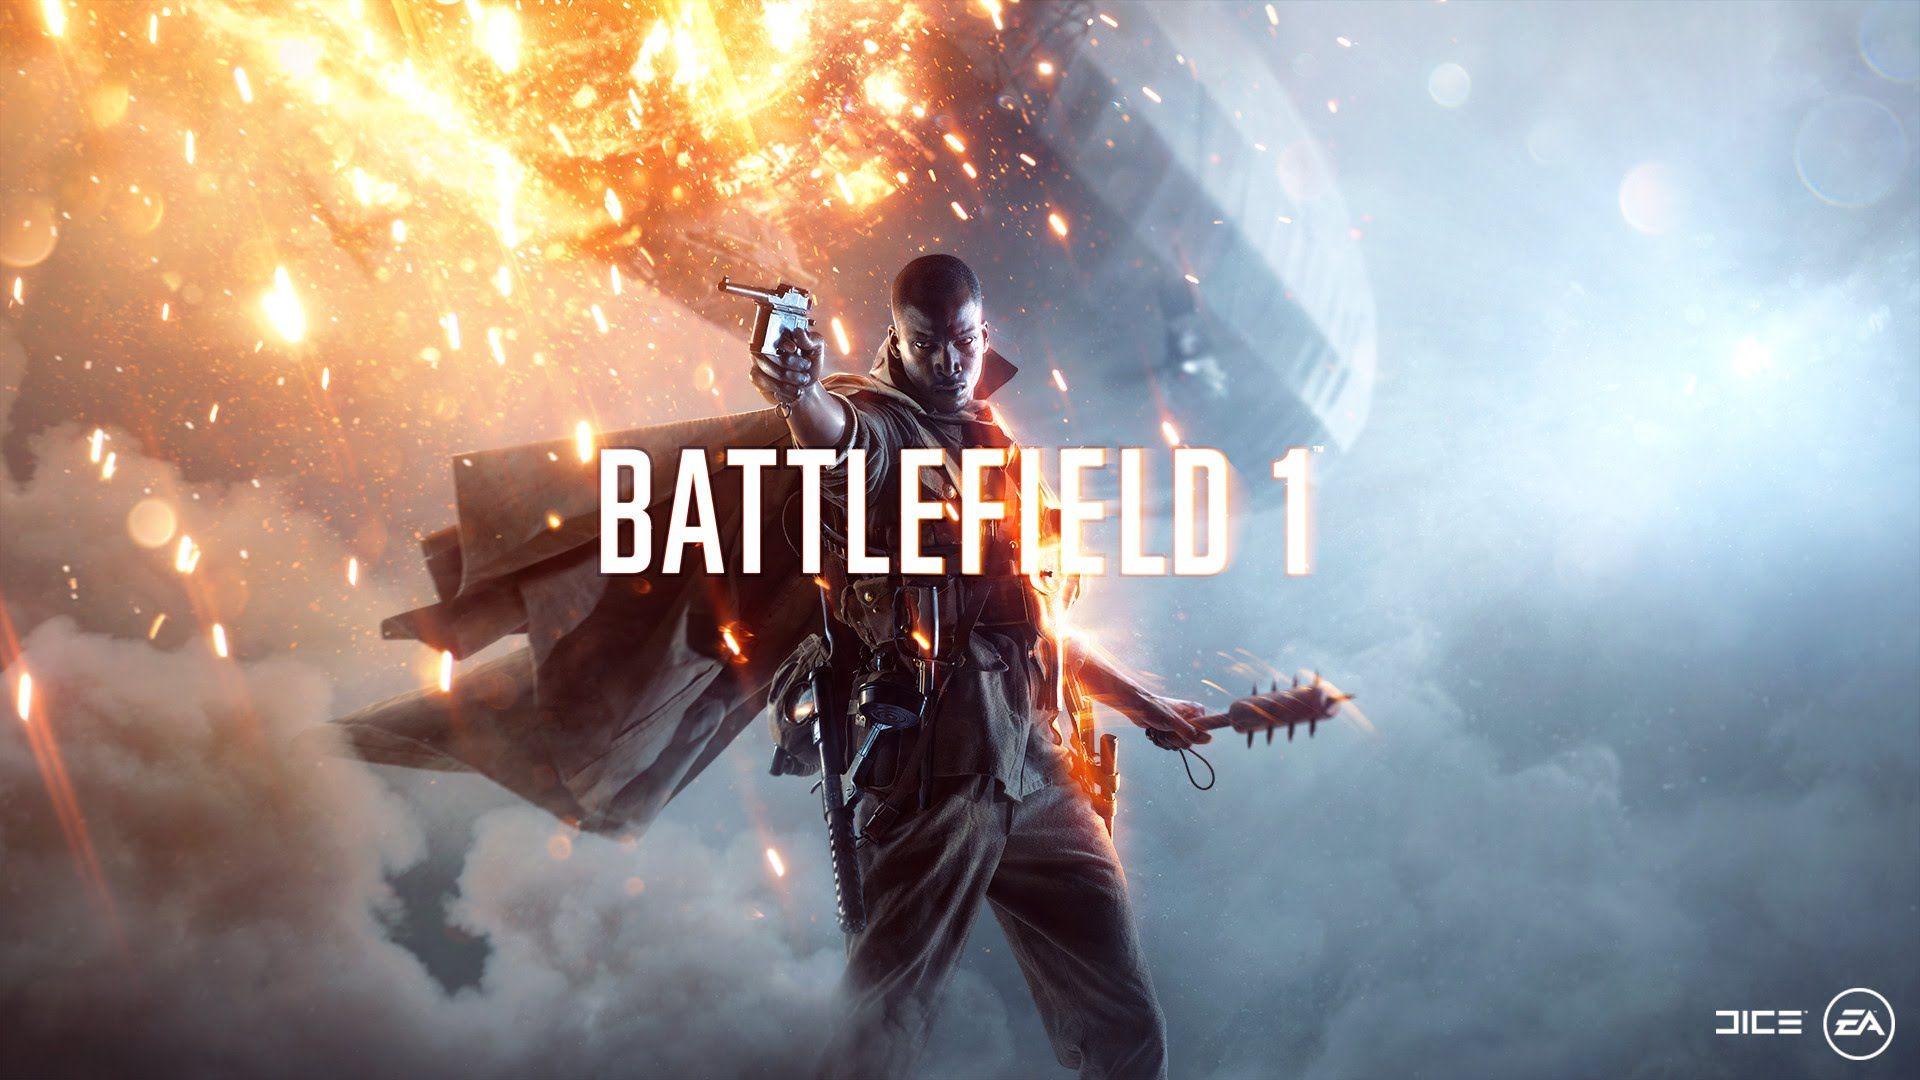 Battlefield 1 Official Trailer 2016 Battlefield 1 Battlefield 1 Ps4